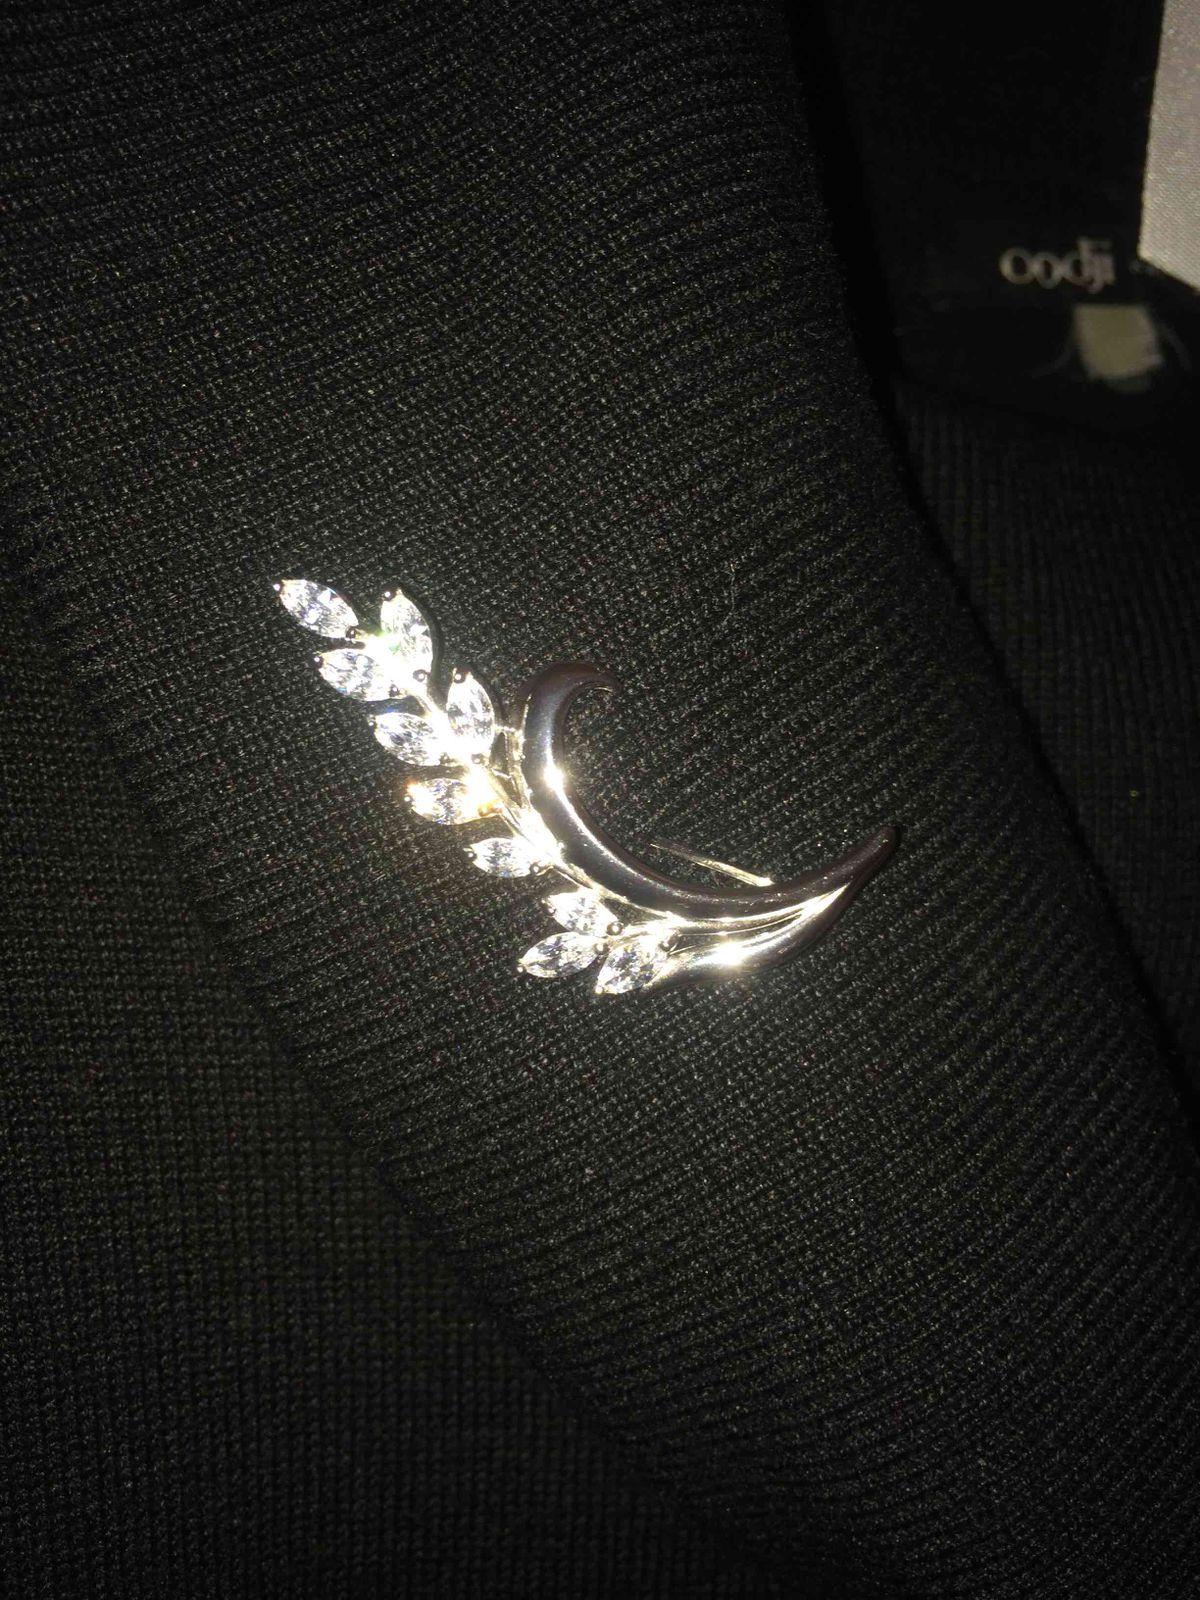 Изящная серебряная брошь с фианитами-элегантный штрих к   нарядному образу.